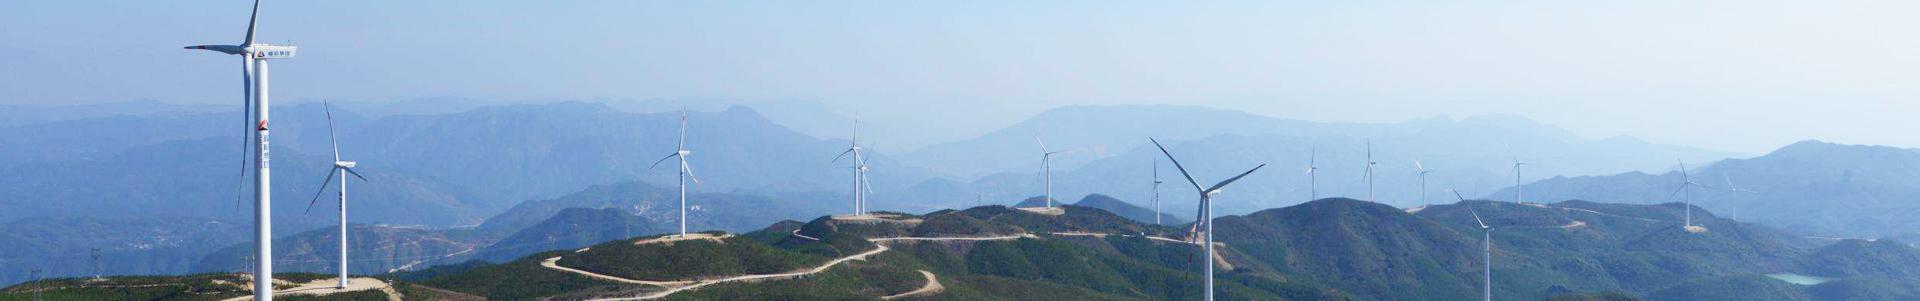 贵州黔勃电力集团